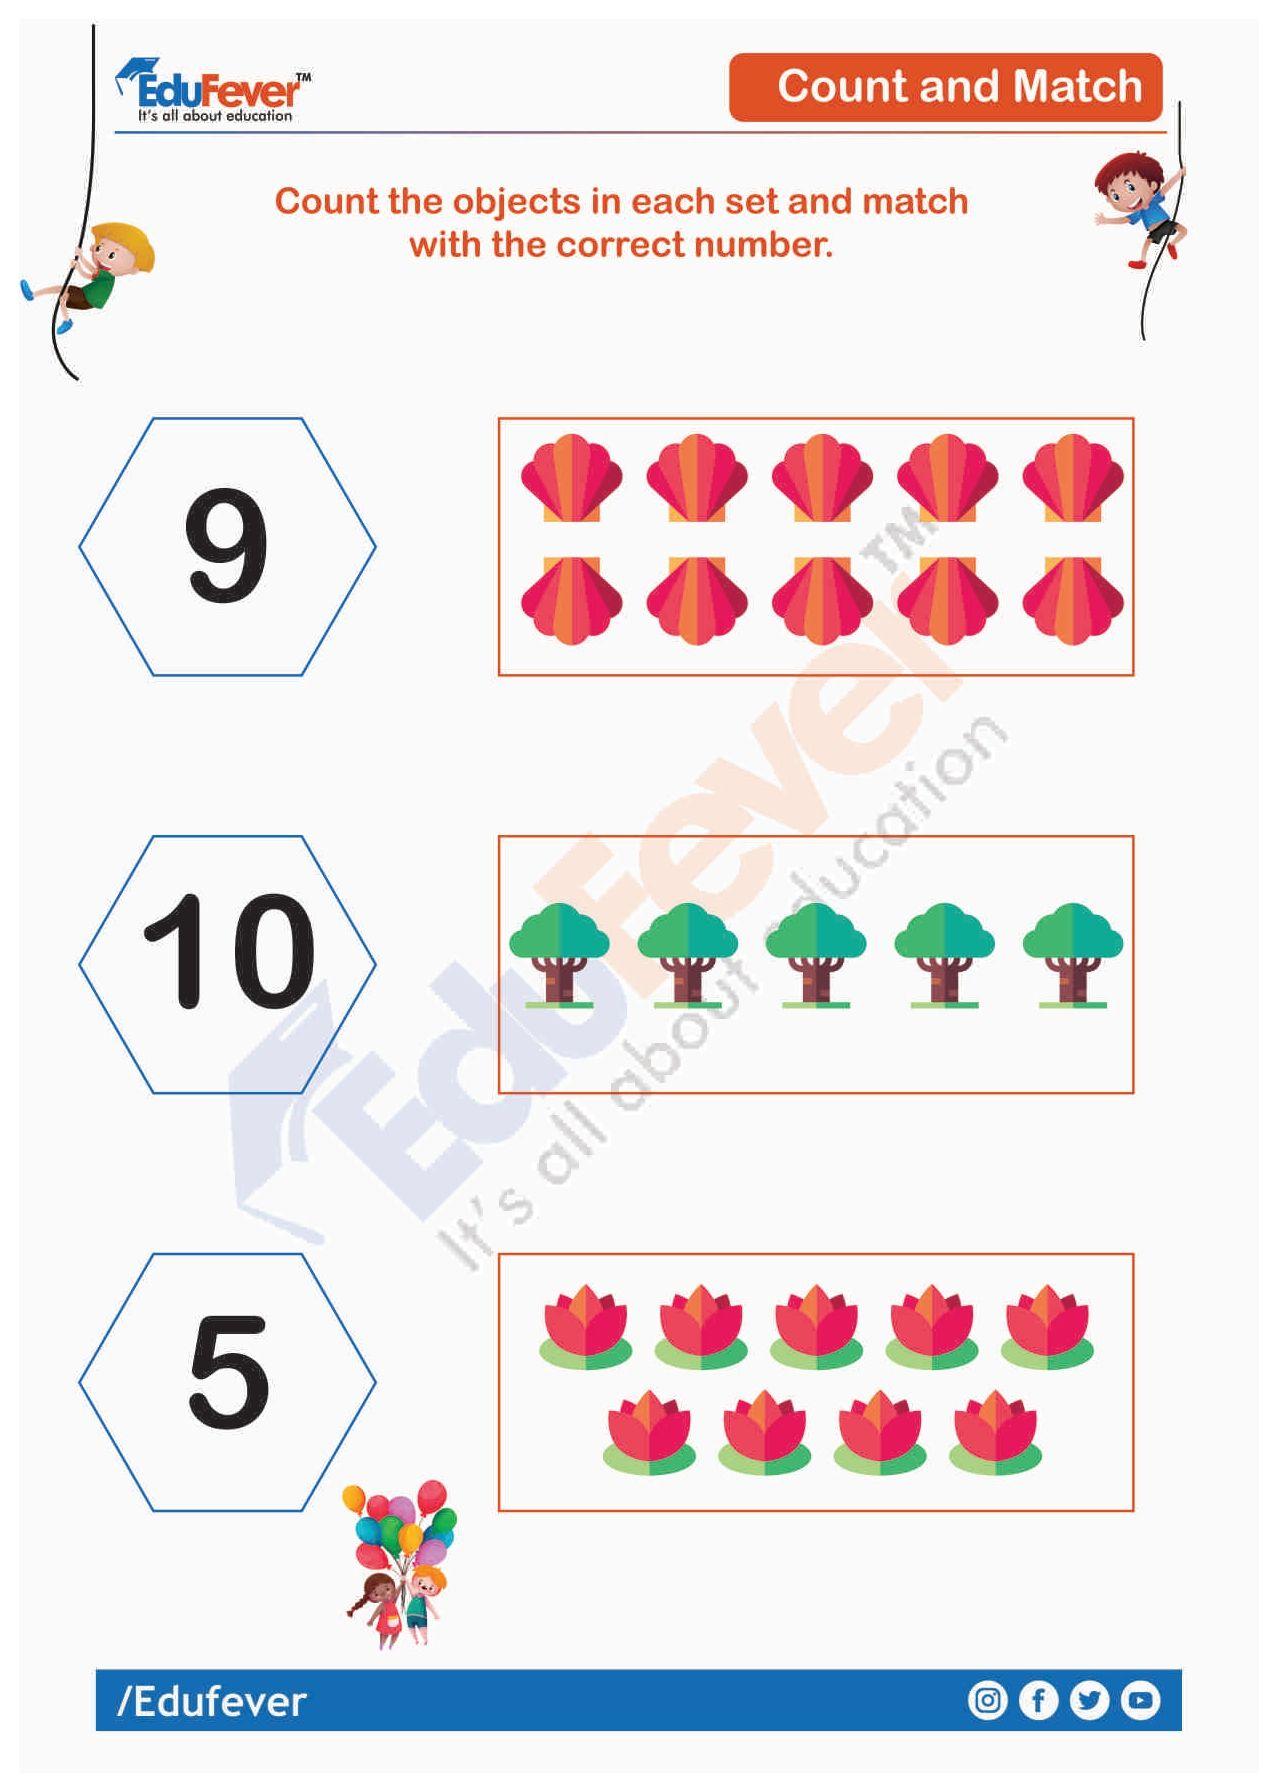 Count And Match Ukg Maths Worksheet Math Worksheet Mathematics Worksheets Math